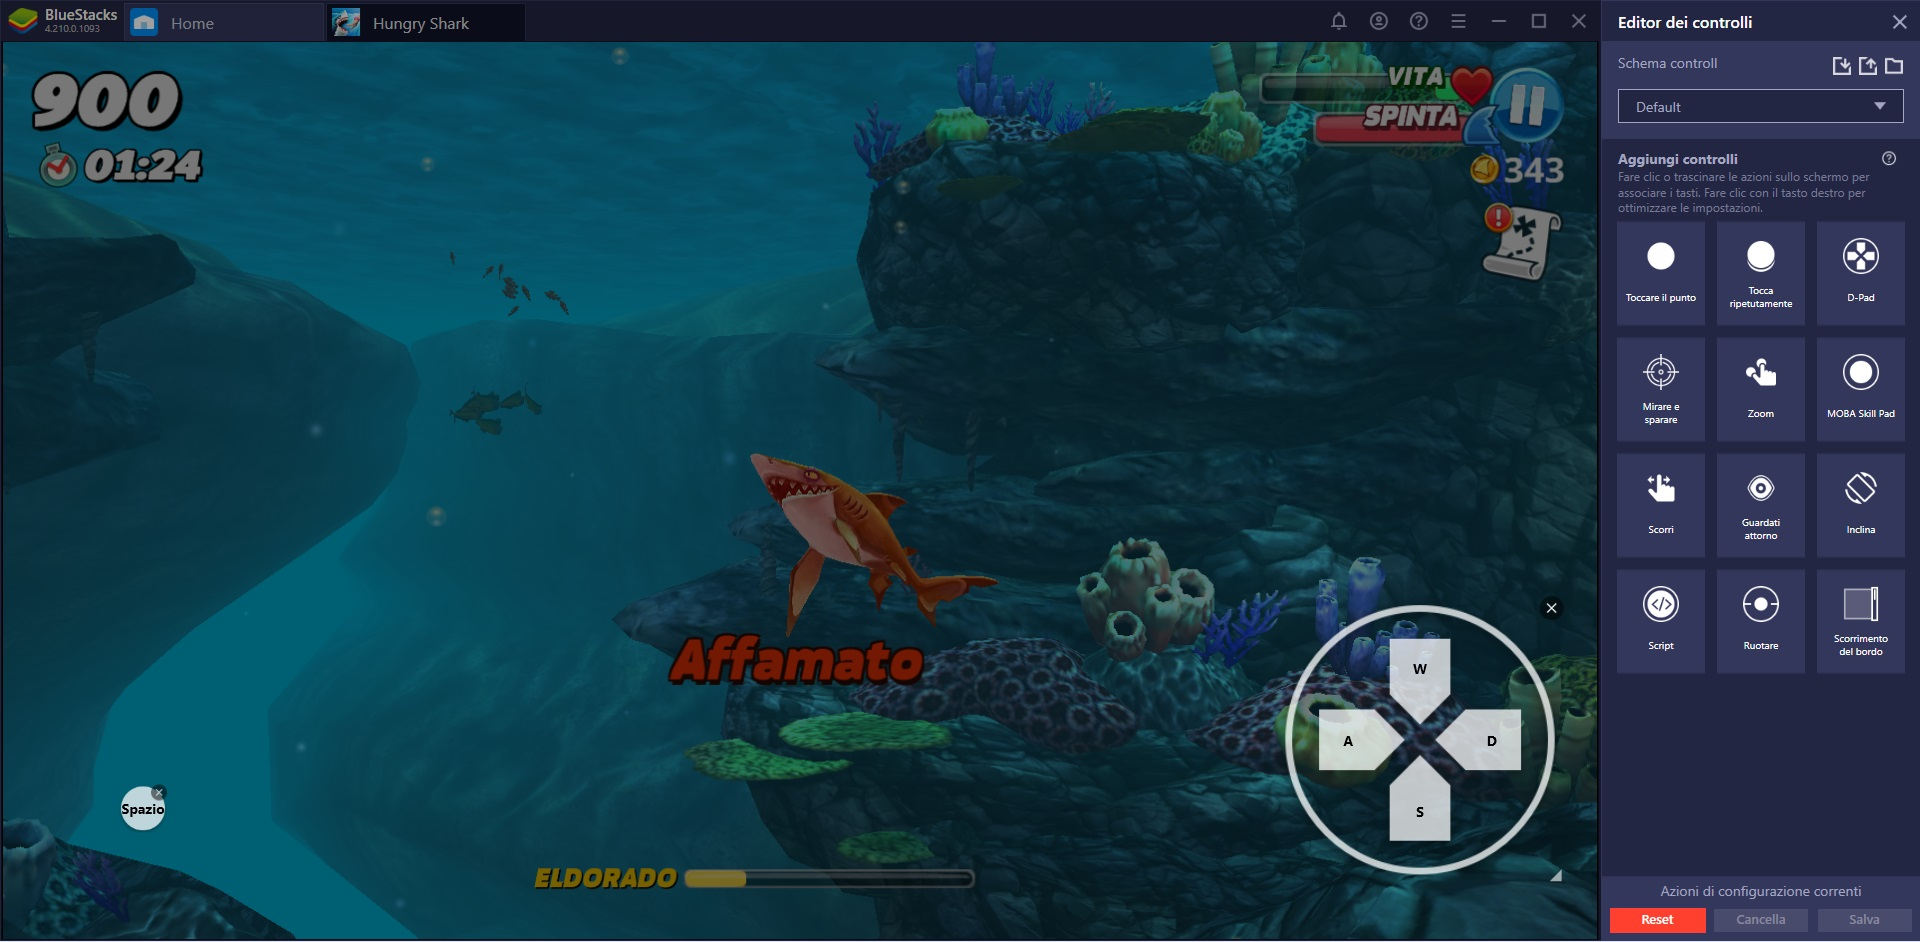 Hungry Shark World è disponibile su PC con Bluestacks